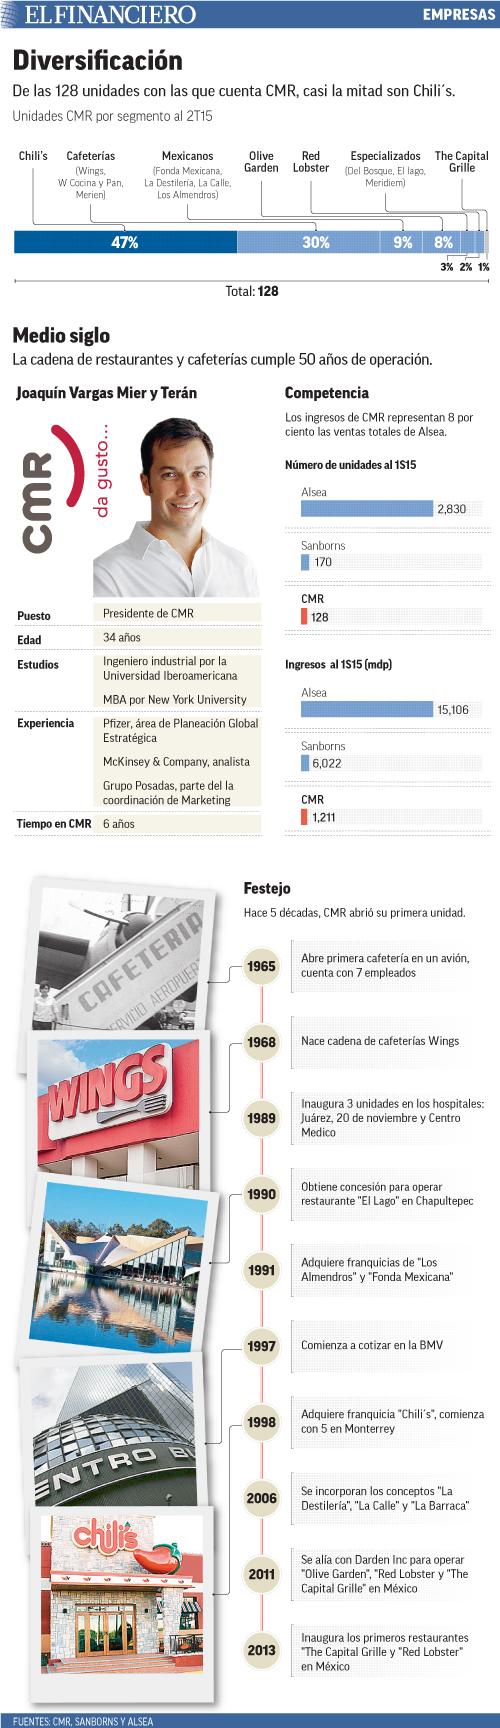 La cadena de restaurantes y cafeterías cumple 50 años de operación.